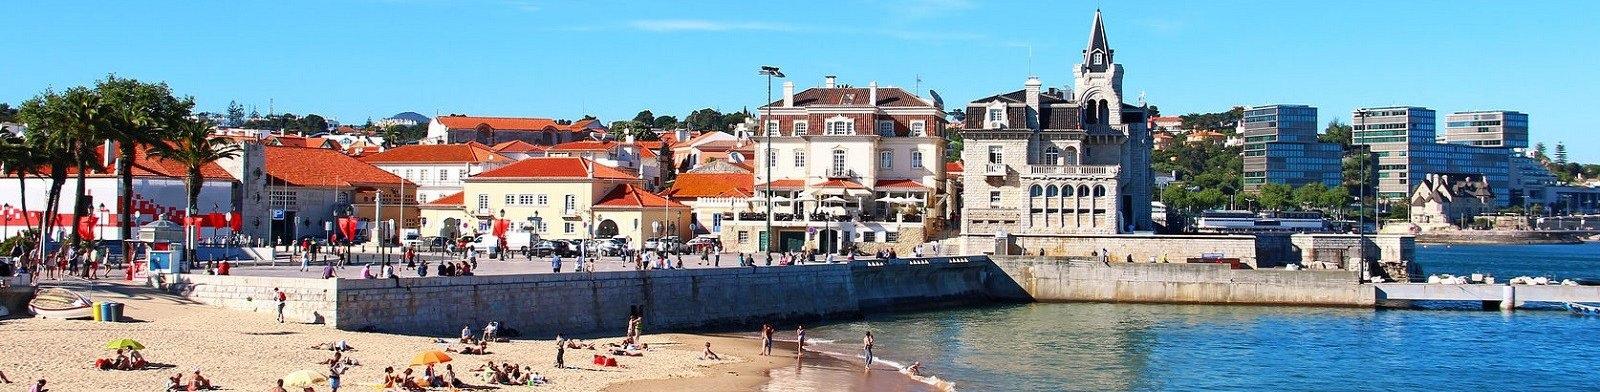 Estoril Coast, beach